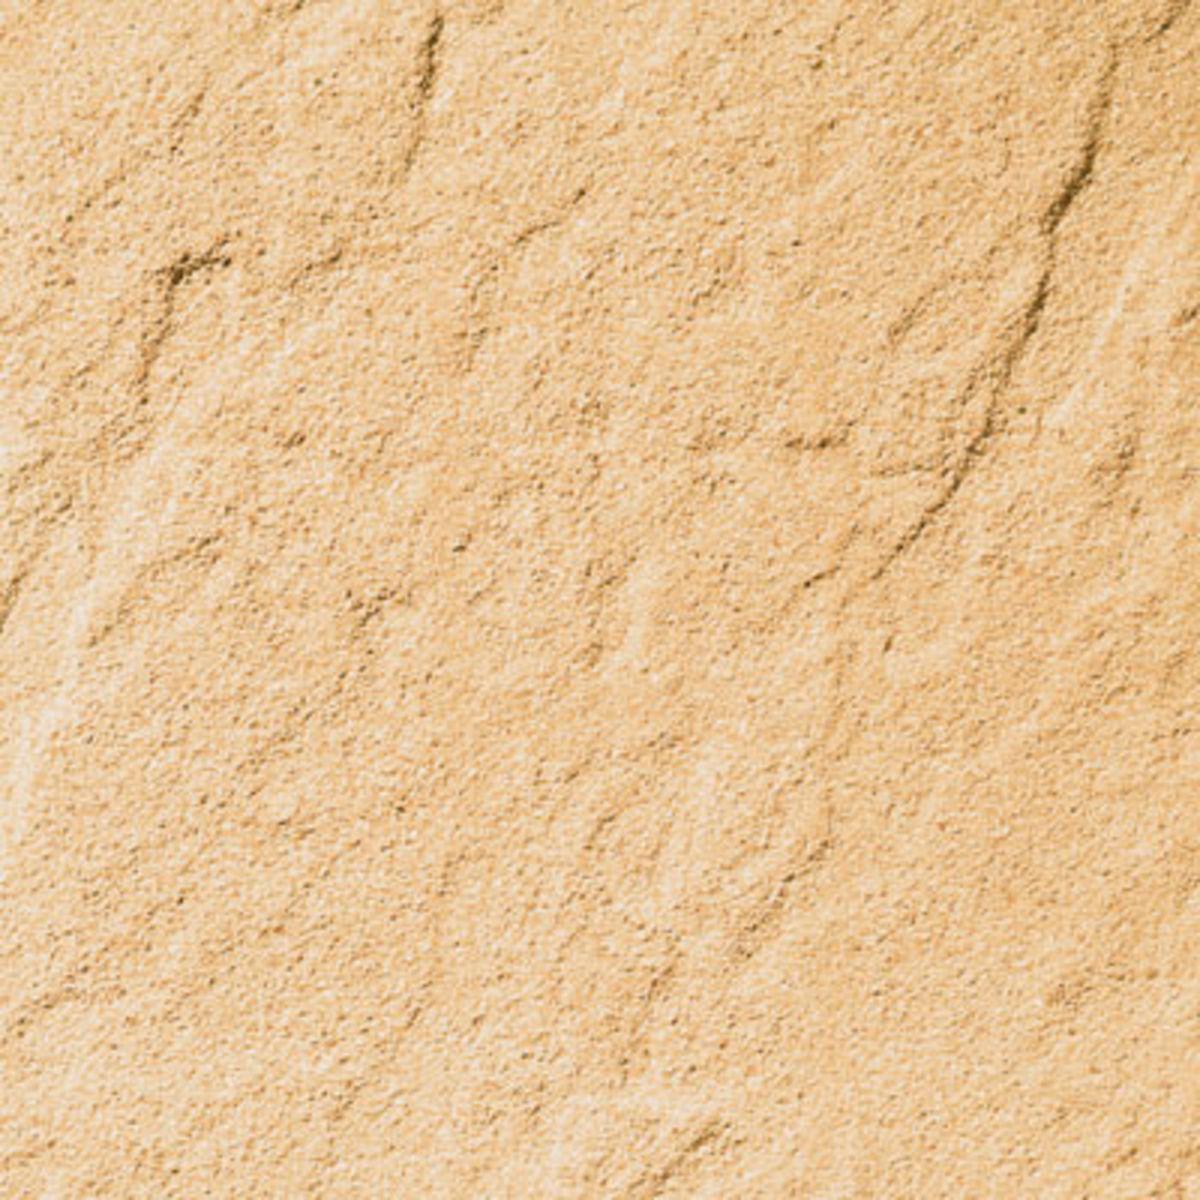 Leroy merlin piastrelle esterno pavimenti per esterni - Pavimenti da esterno leroy merlin ...